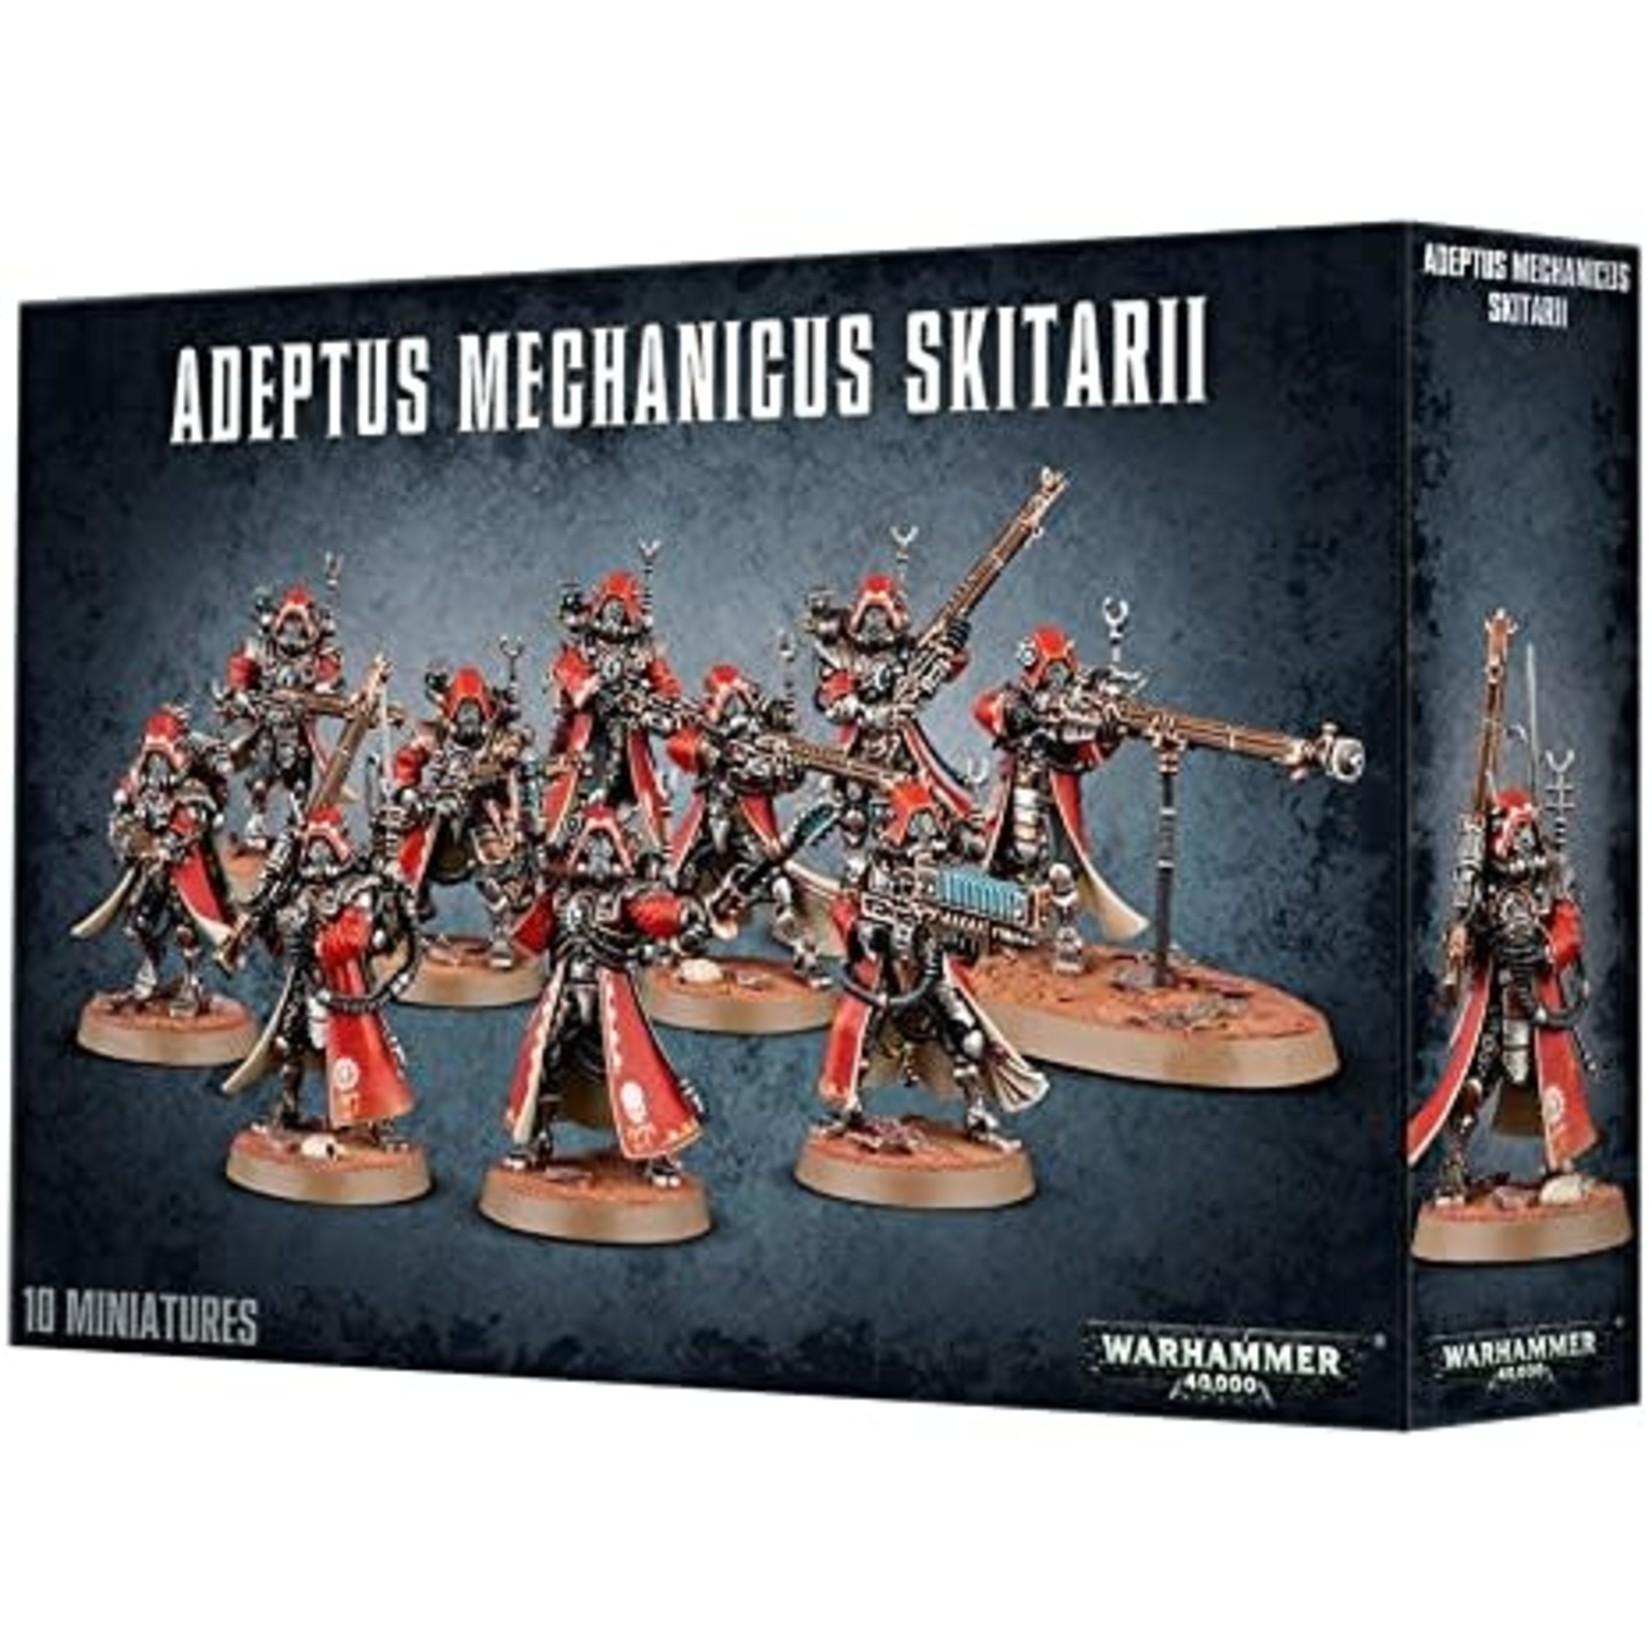 Adeptus Mechanicus Skitarii (40K)